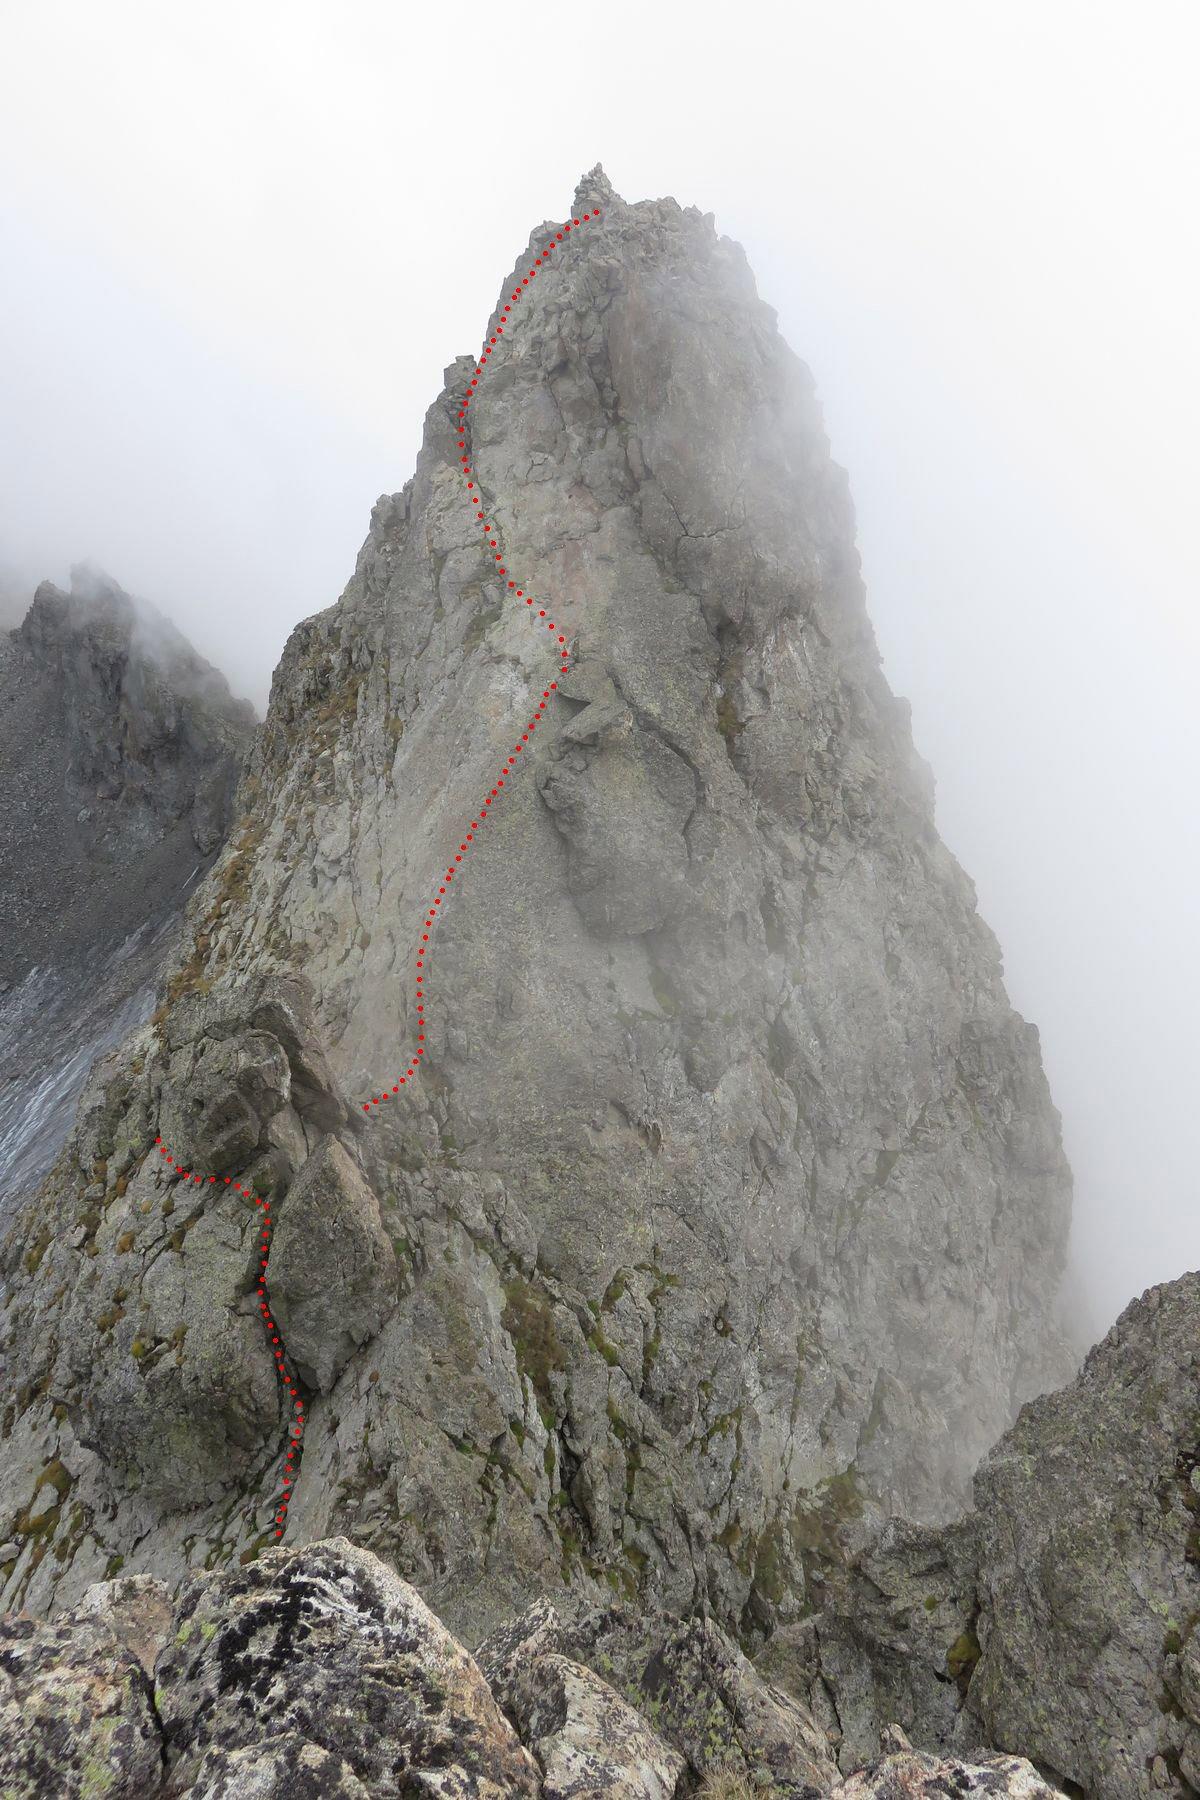 l'Asquasciati, con la via da percorrere, visti dal salto della cresta del Clapier